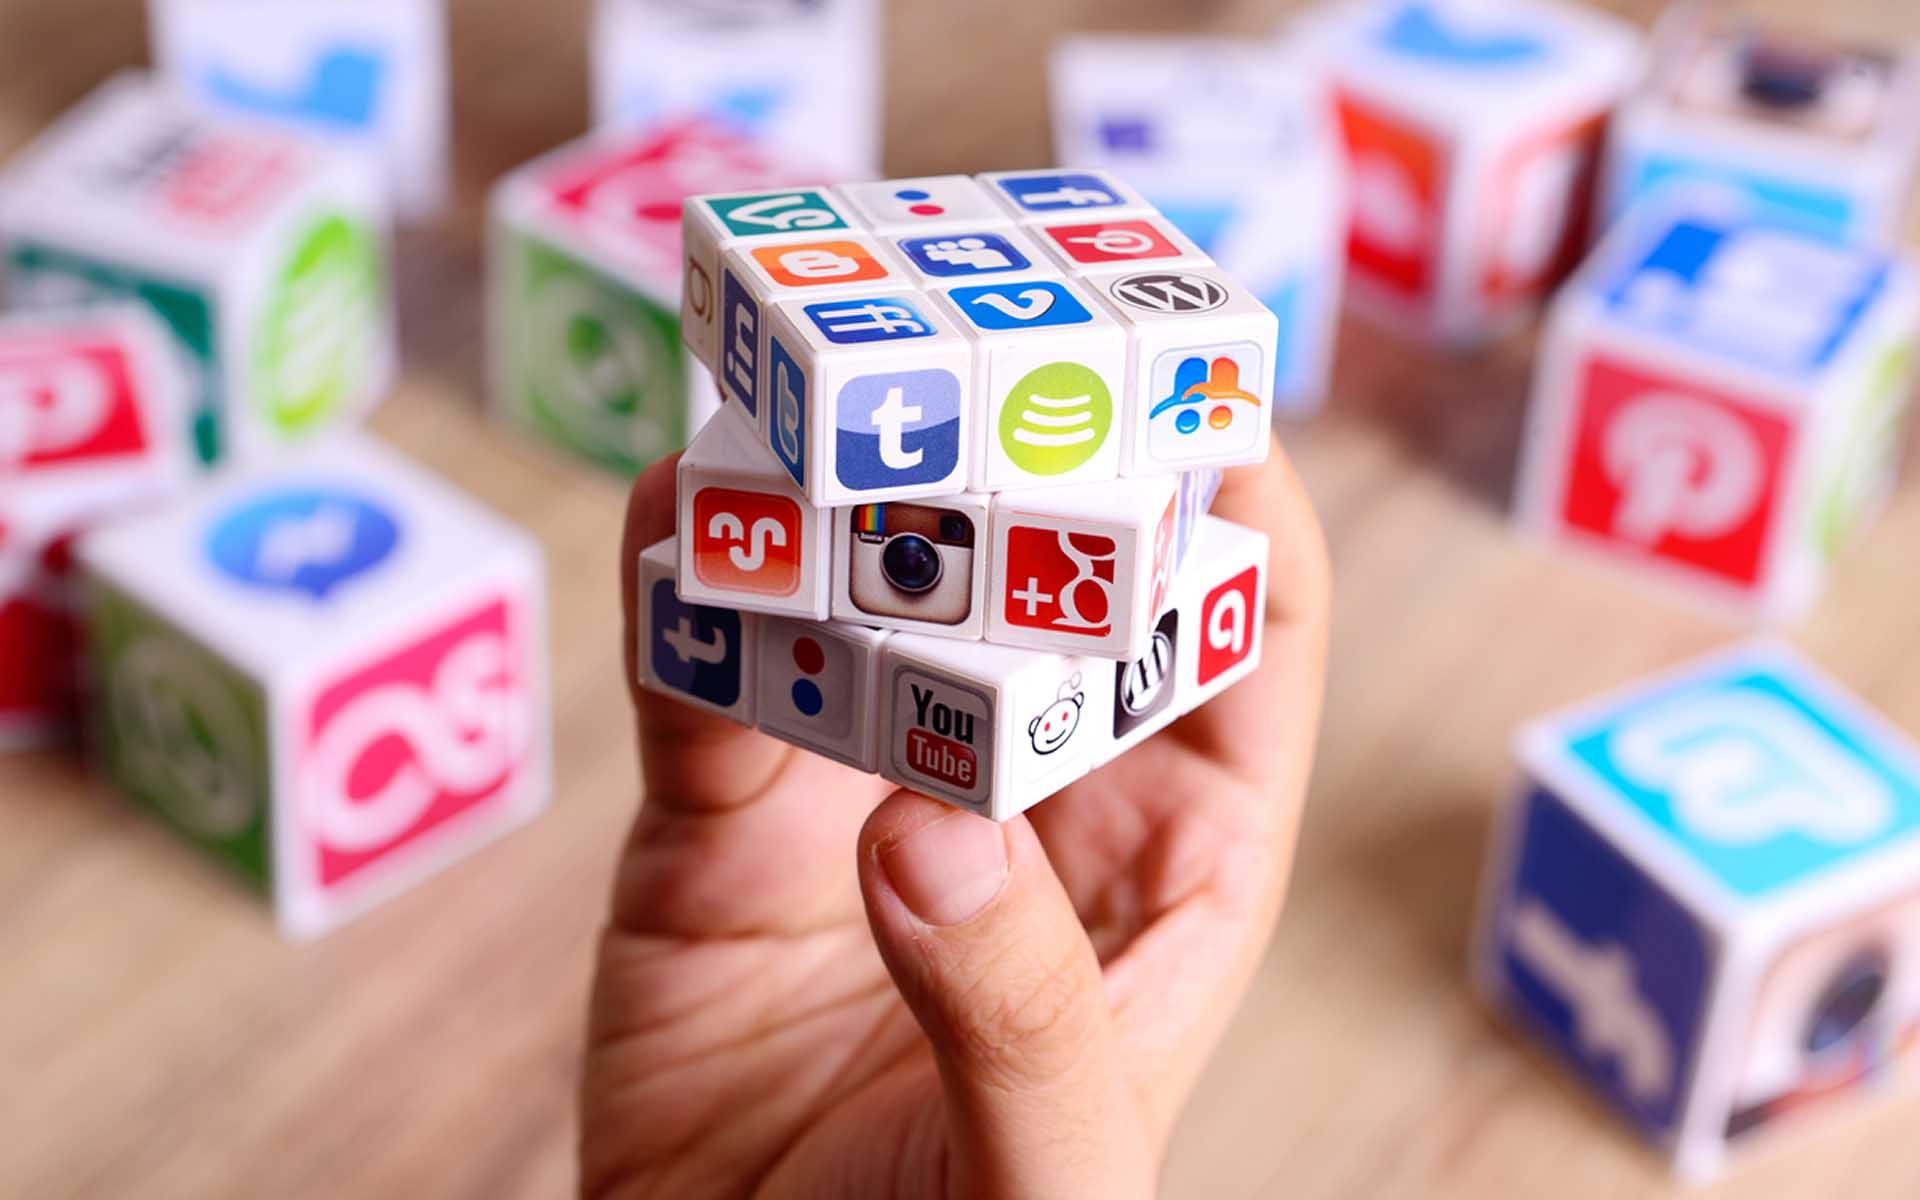 Proven Social Media Marketing Tactics To Boost Engagement